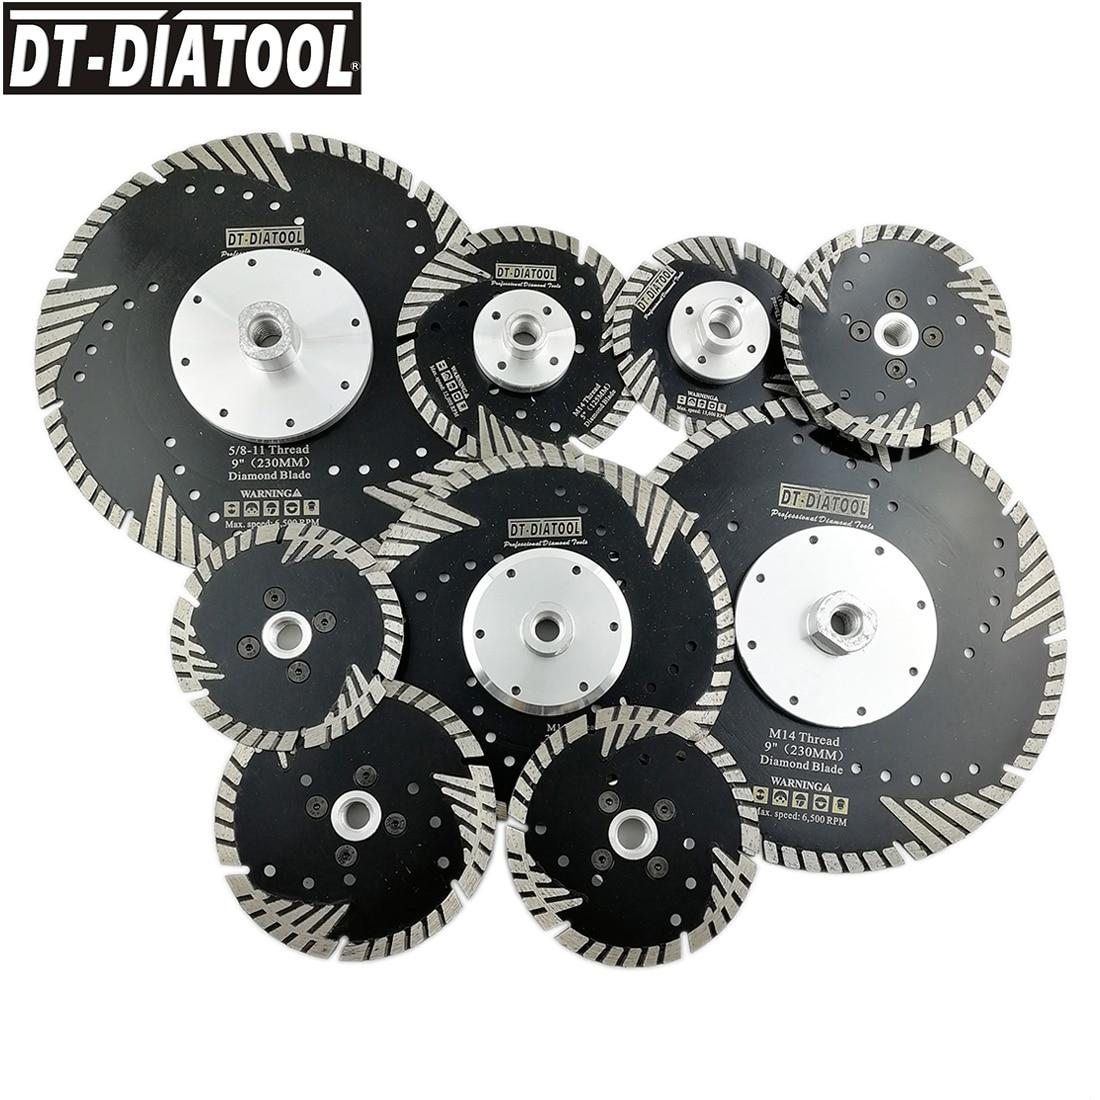 Disco de Moagem Disco de Corte Molhado para Pedra Dt-diatool Pces Diâmetro -9 Quente Pressionado Diamante Turbo Lâminas Seco ou Tijolo Concreto 2 4